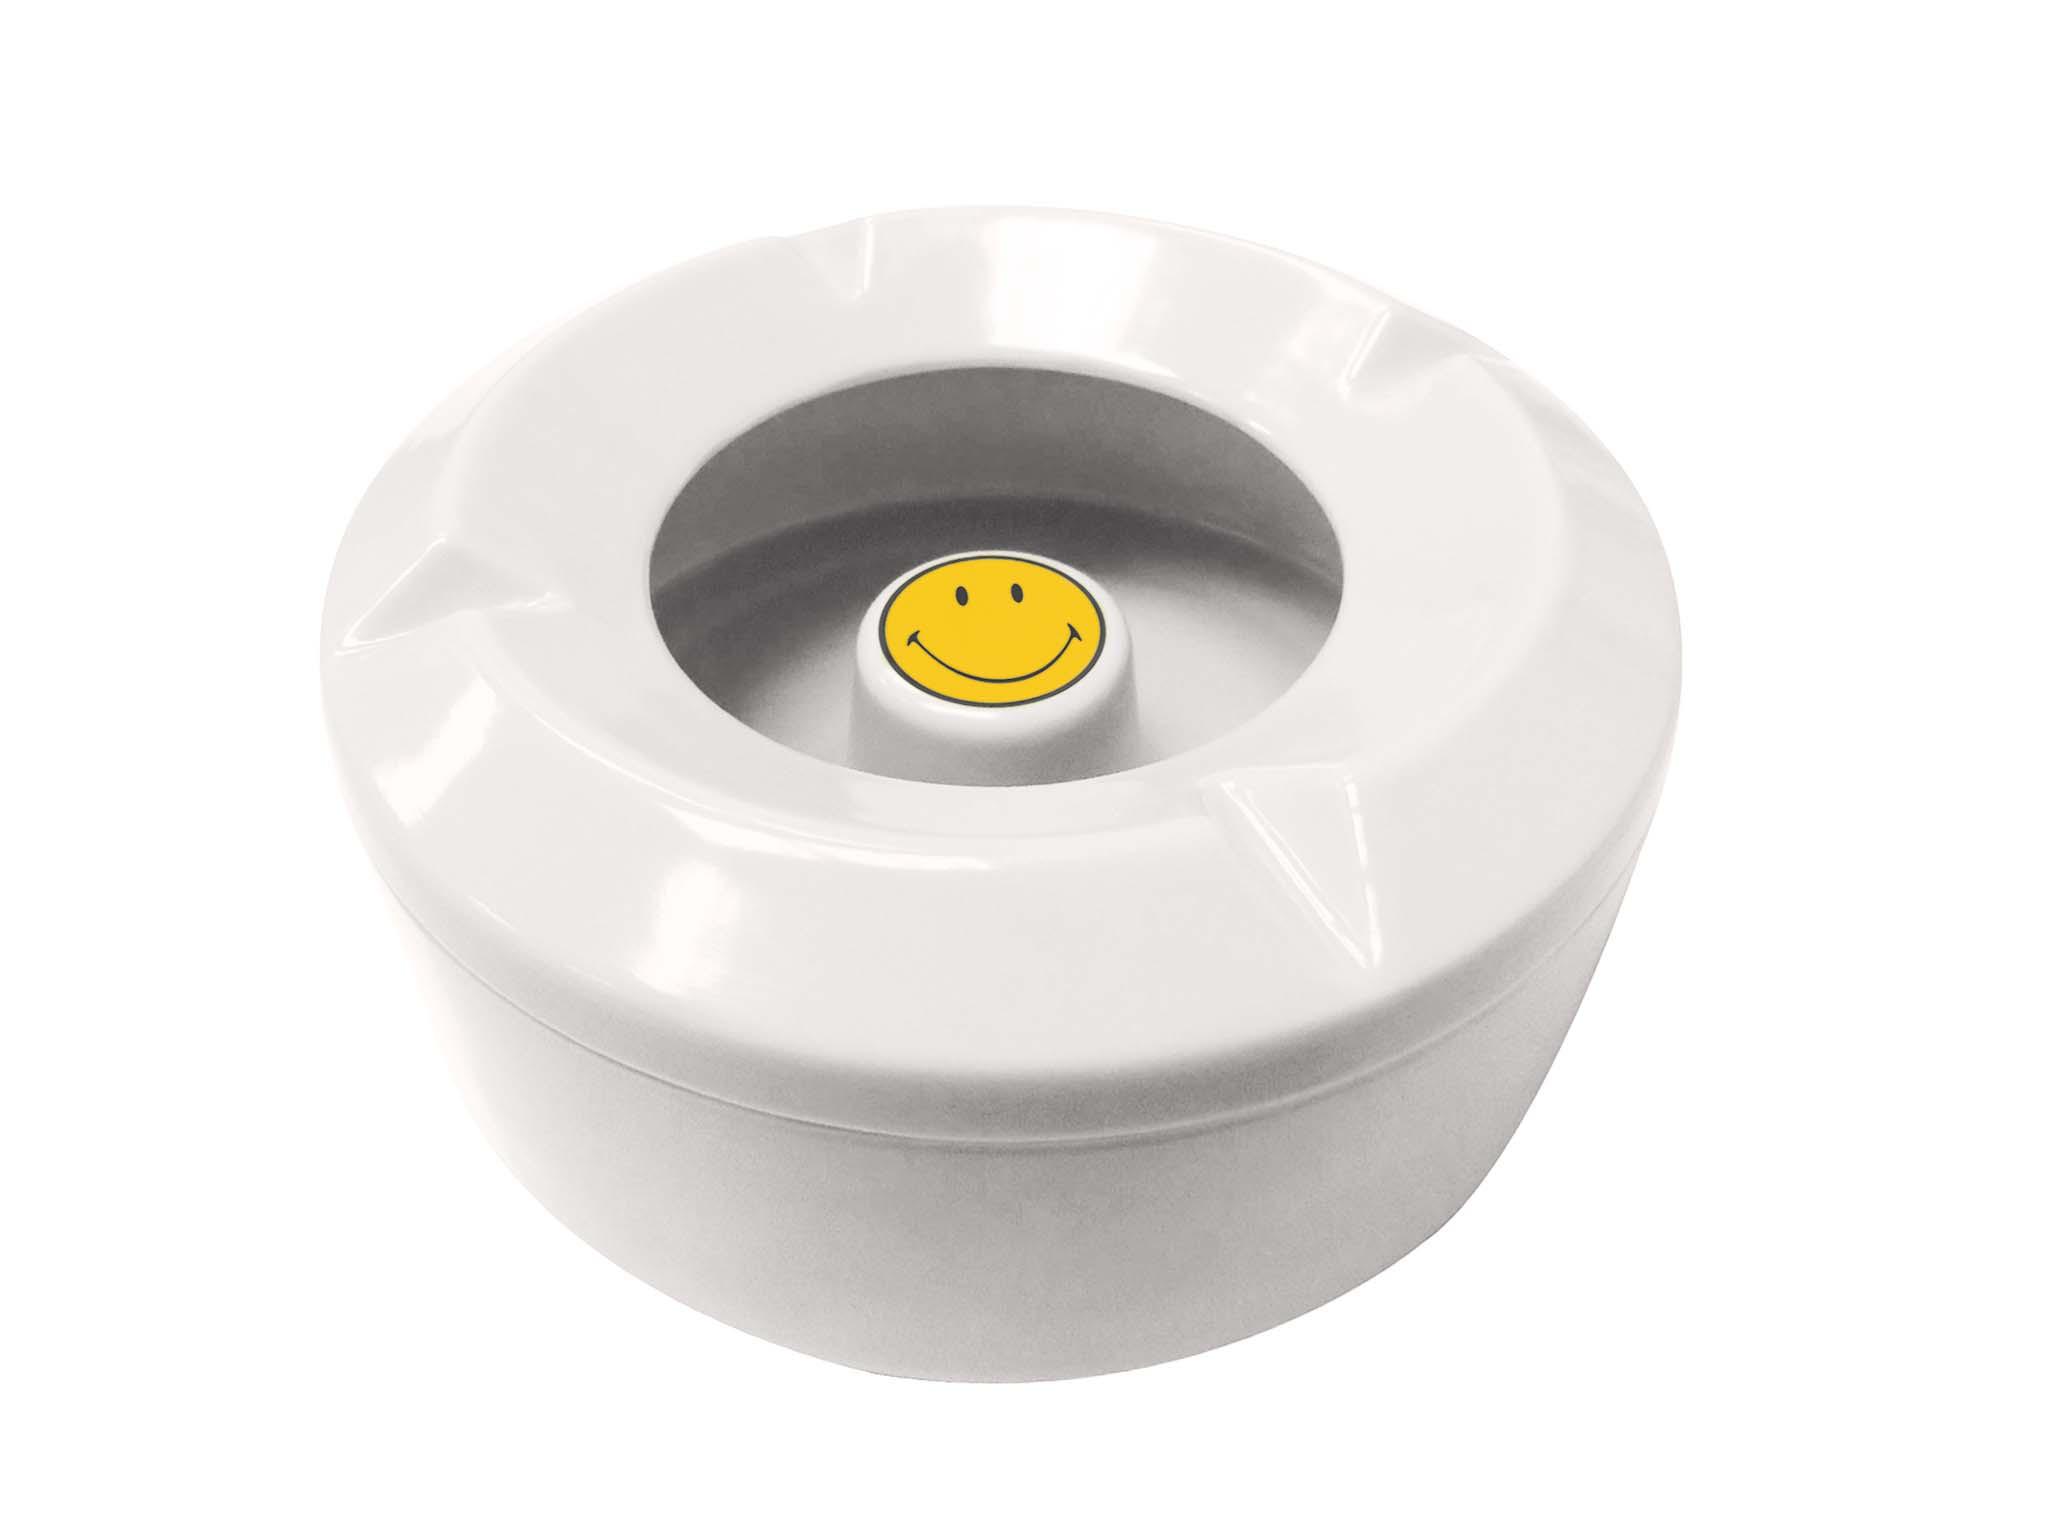 Cendrier d'extérieur Smiley - Ø 10,5 cm - Blanc